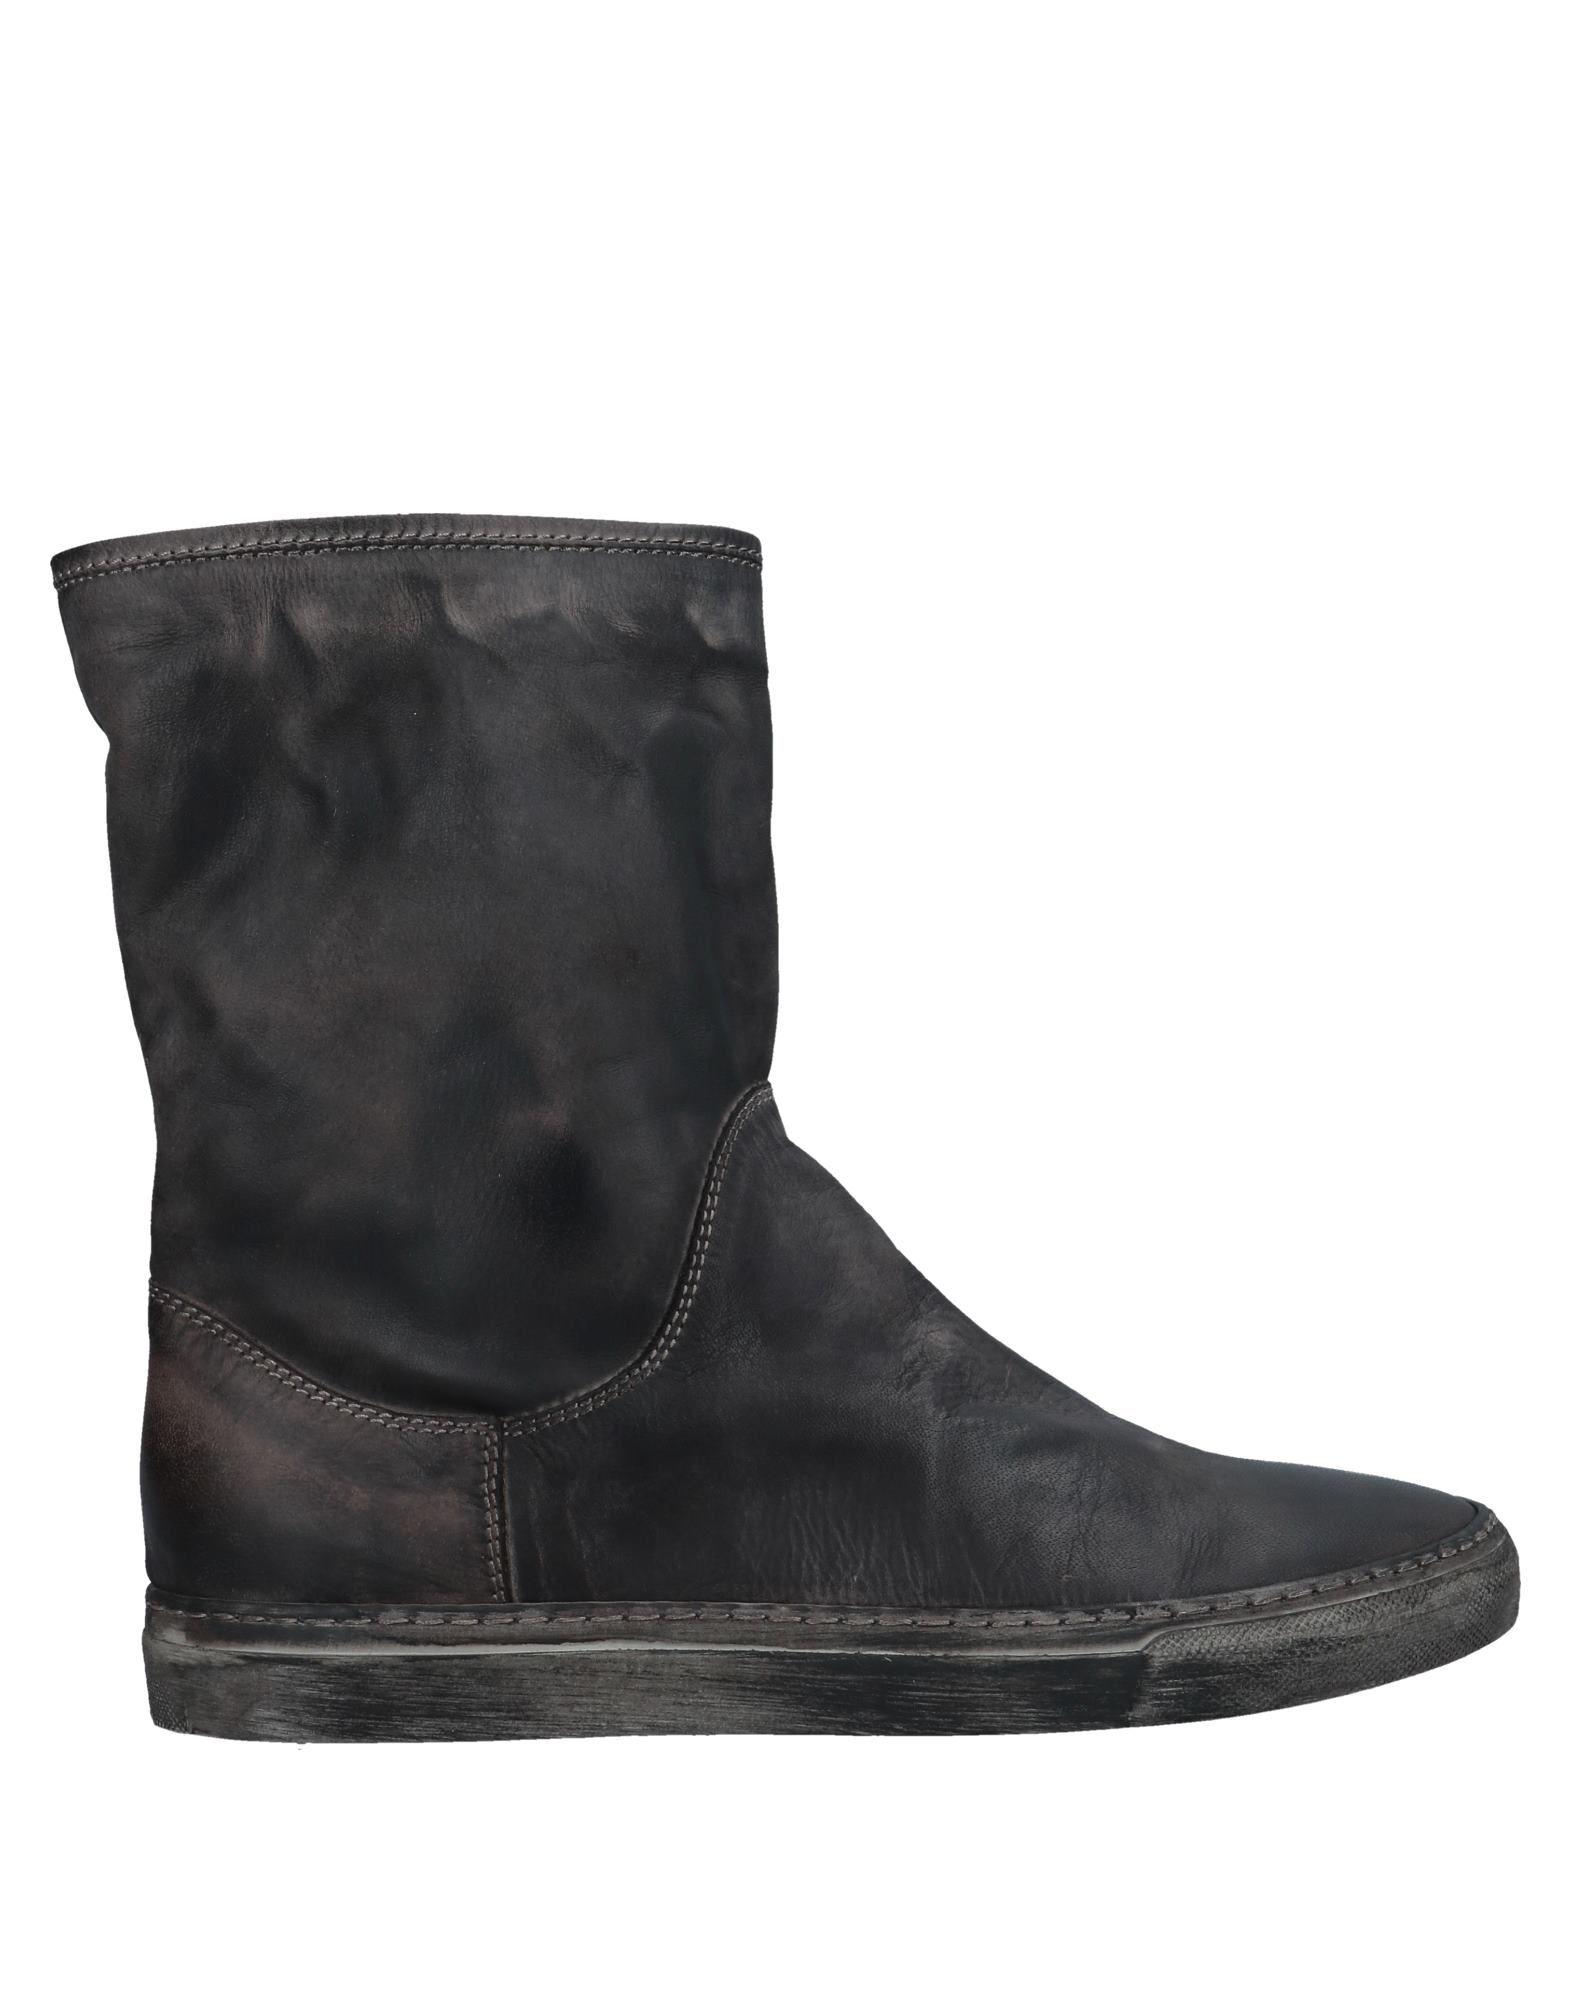 Gut um Stiefelette billige Schuhe zu tragenSan Crispino Stiefelette um Damen  11546624IC 651e2b